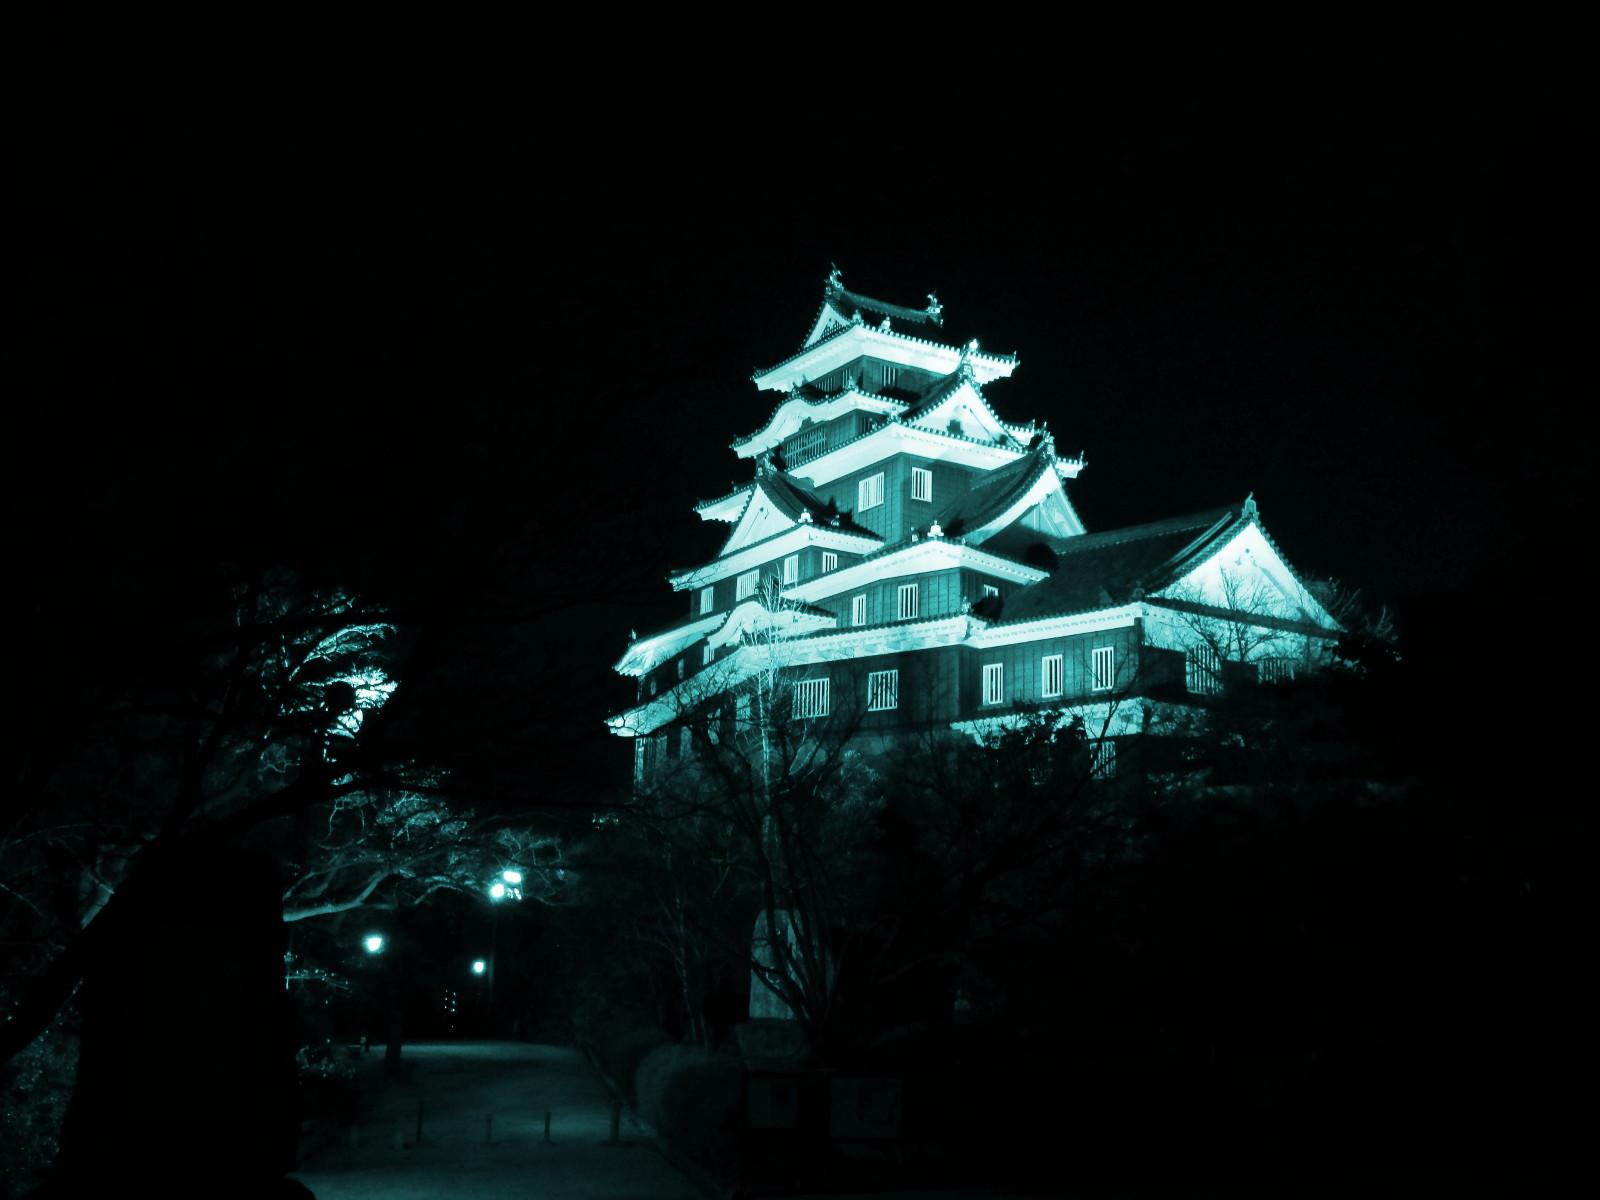 烏城または金烏城とも呼ばれる岡山城の天守閣のライトアップ、見てきました。_c0027285_1681984.jpg